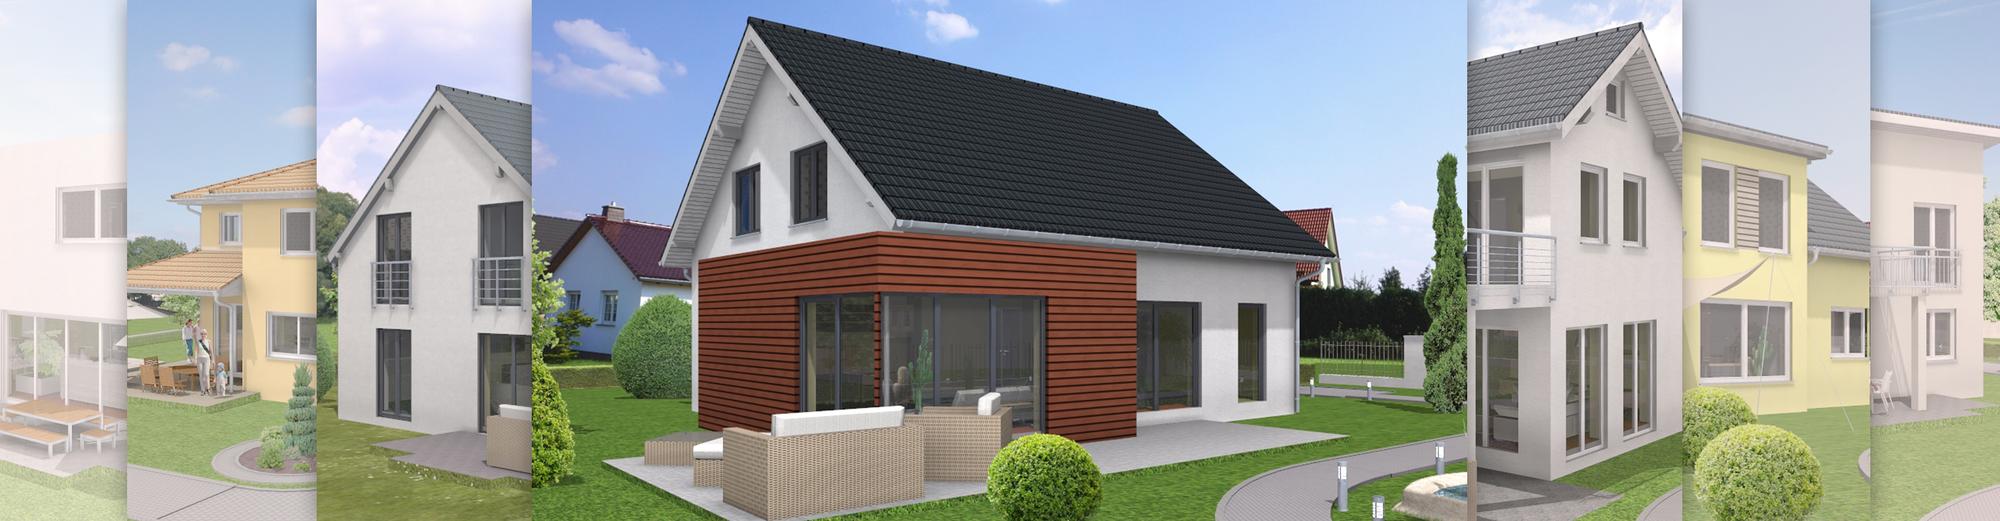 efh einfamilienhaus grundrisse.jpg